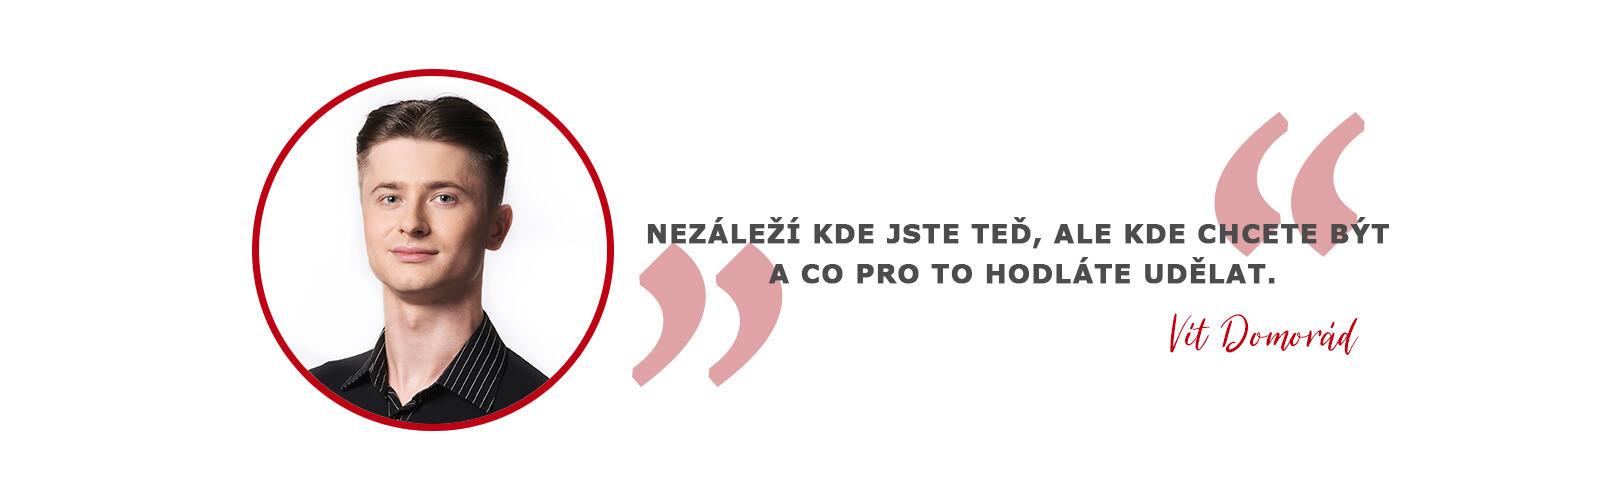 Vít Domorád trenér porotce organizátor soutěží Taneční škola studio COOL DANCE